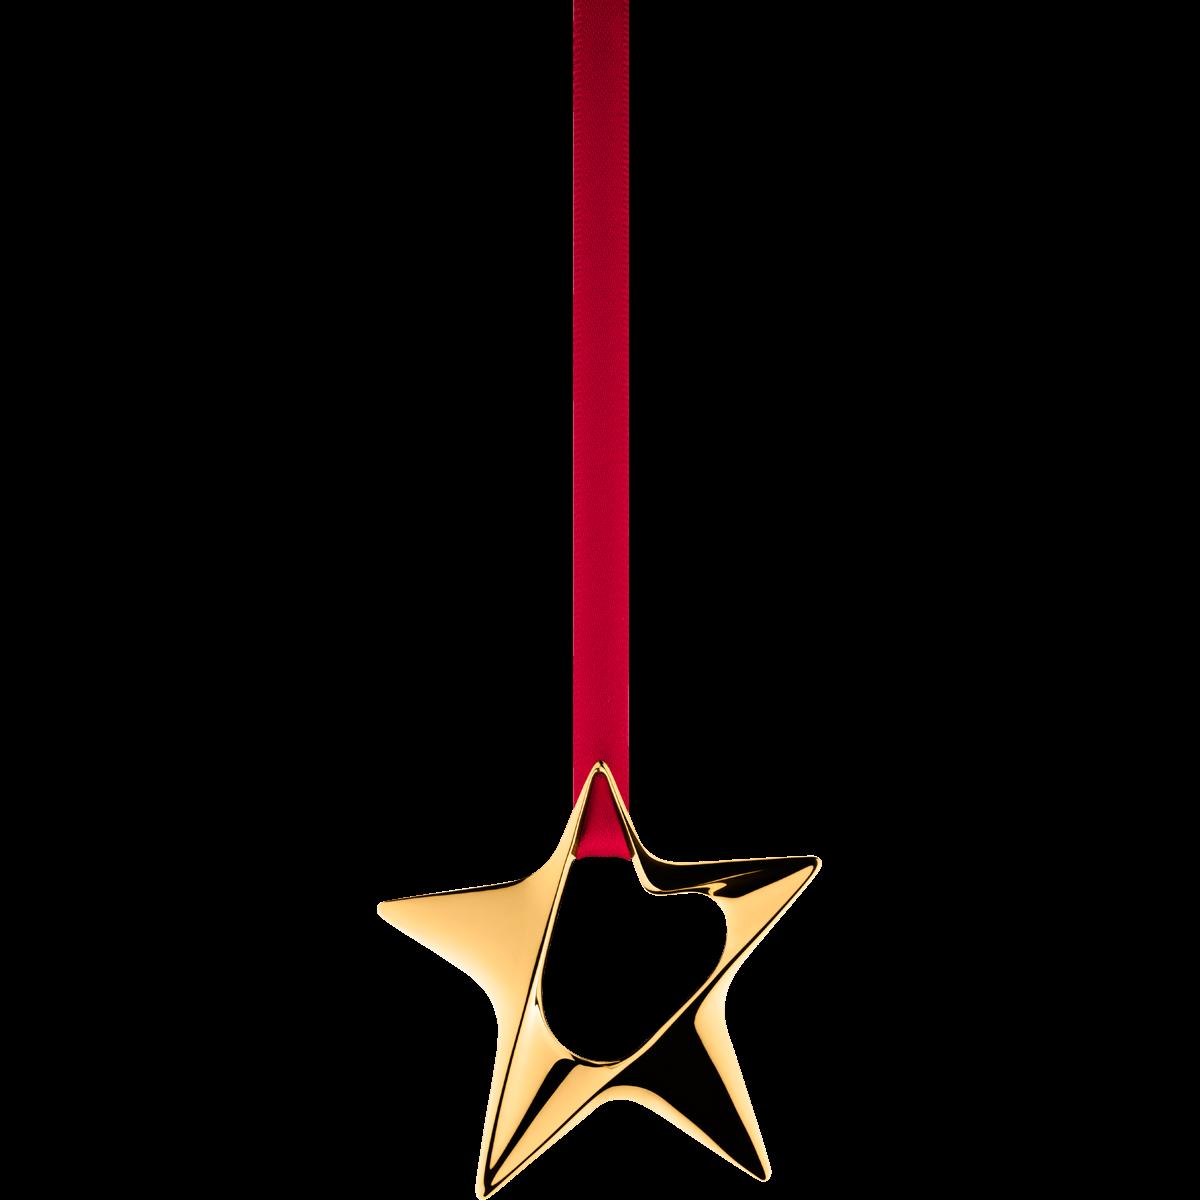 Star gold - Henning Koppel